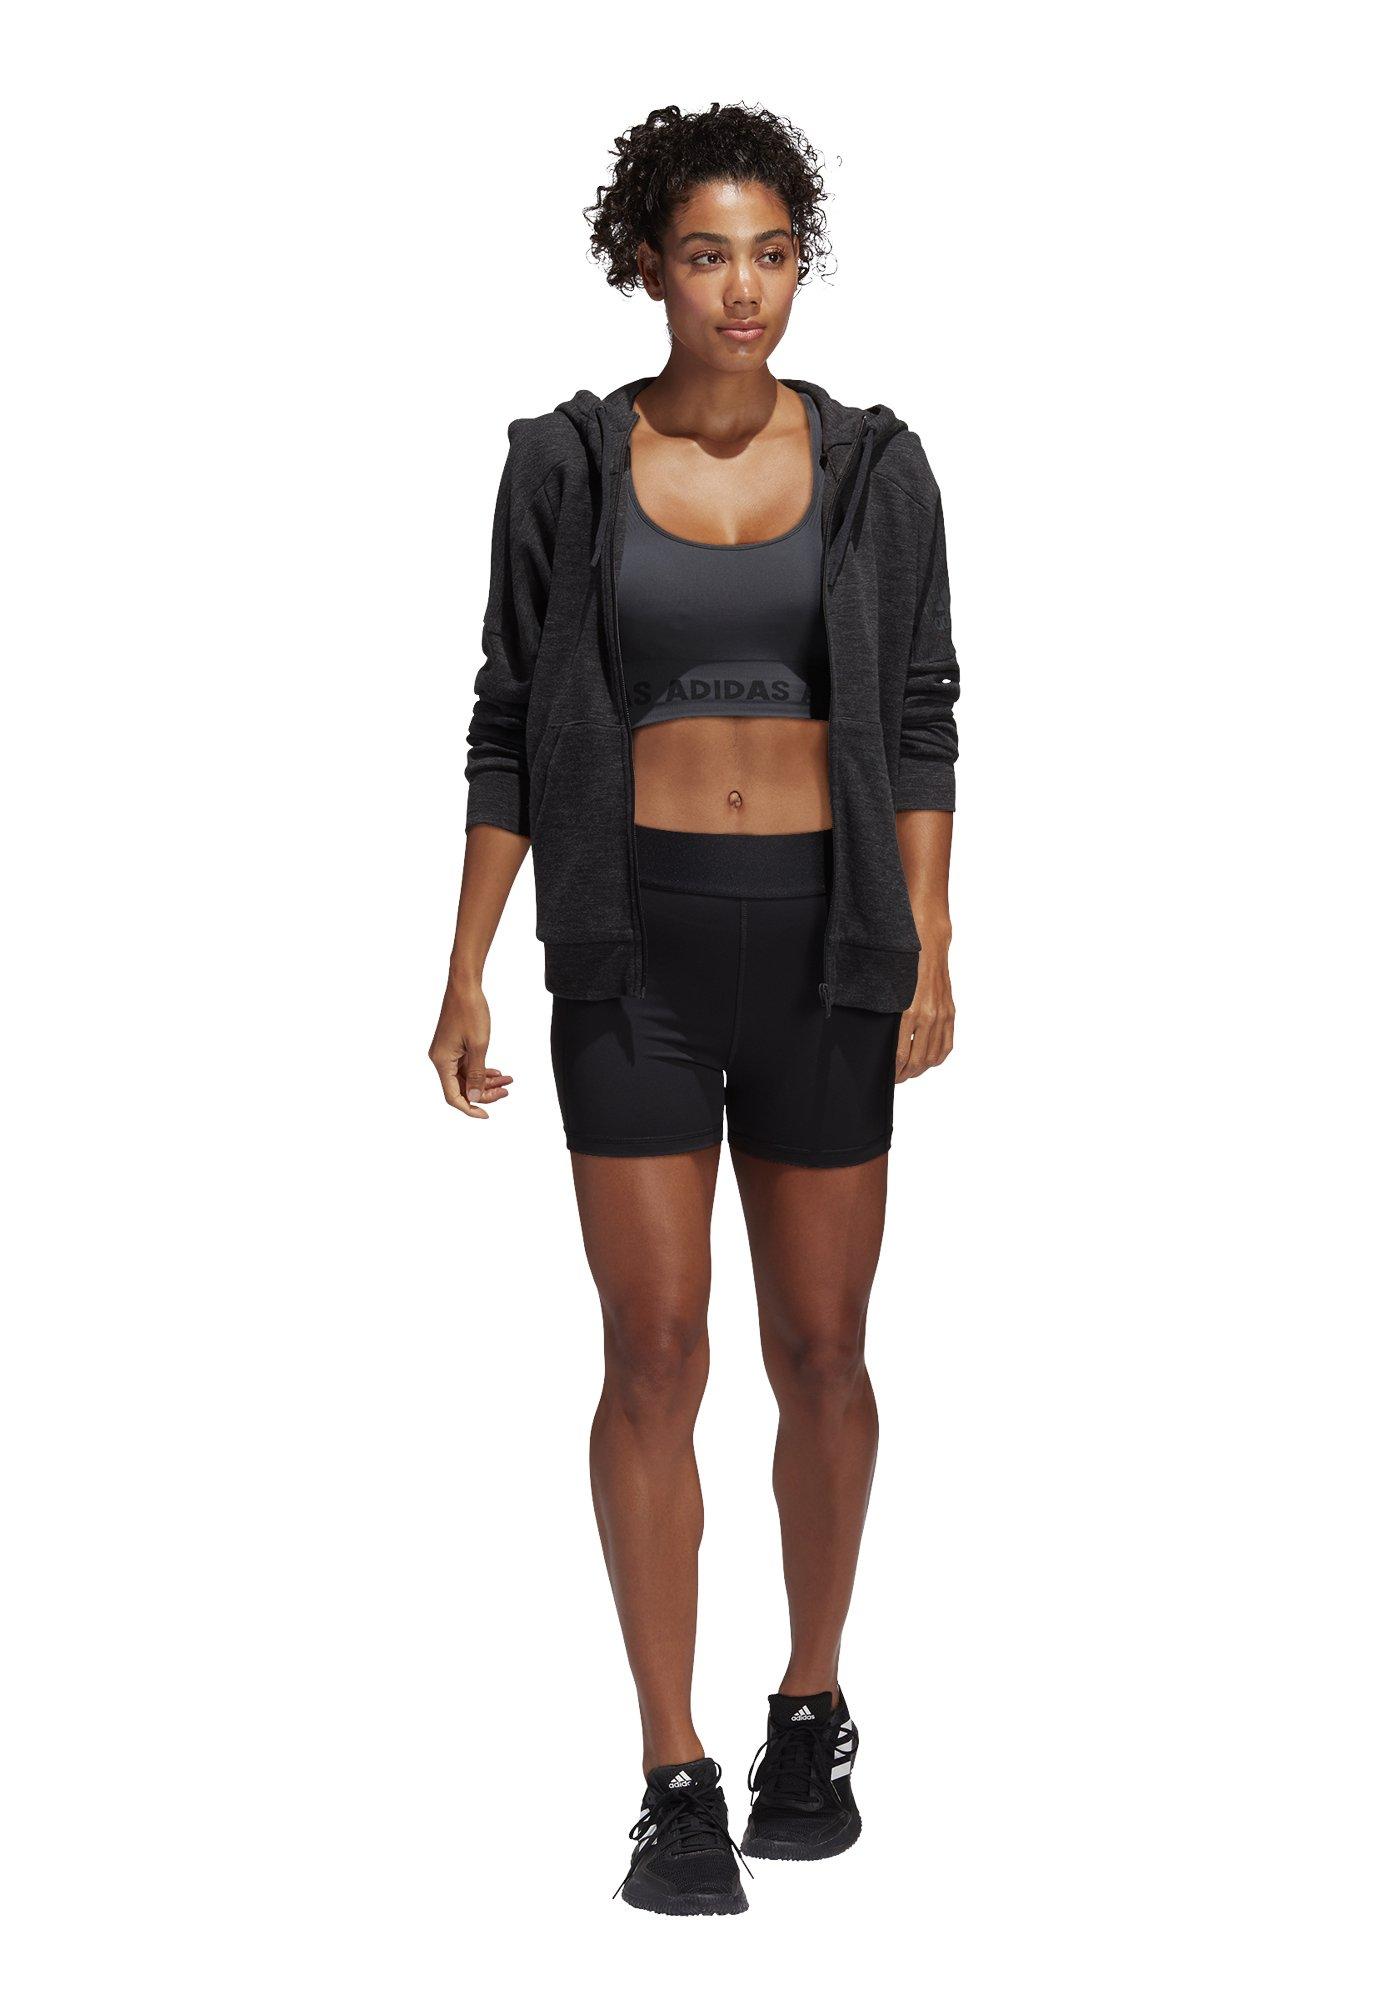 Femme TECHFIT STG 3IN TRAINING WORKOUT TECH-FIT SHORT LEGGINGS COMPRESSION - Short de sport